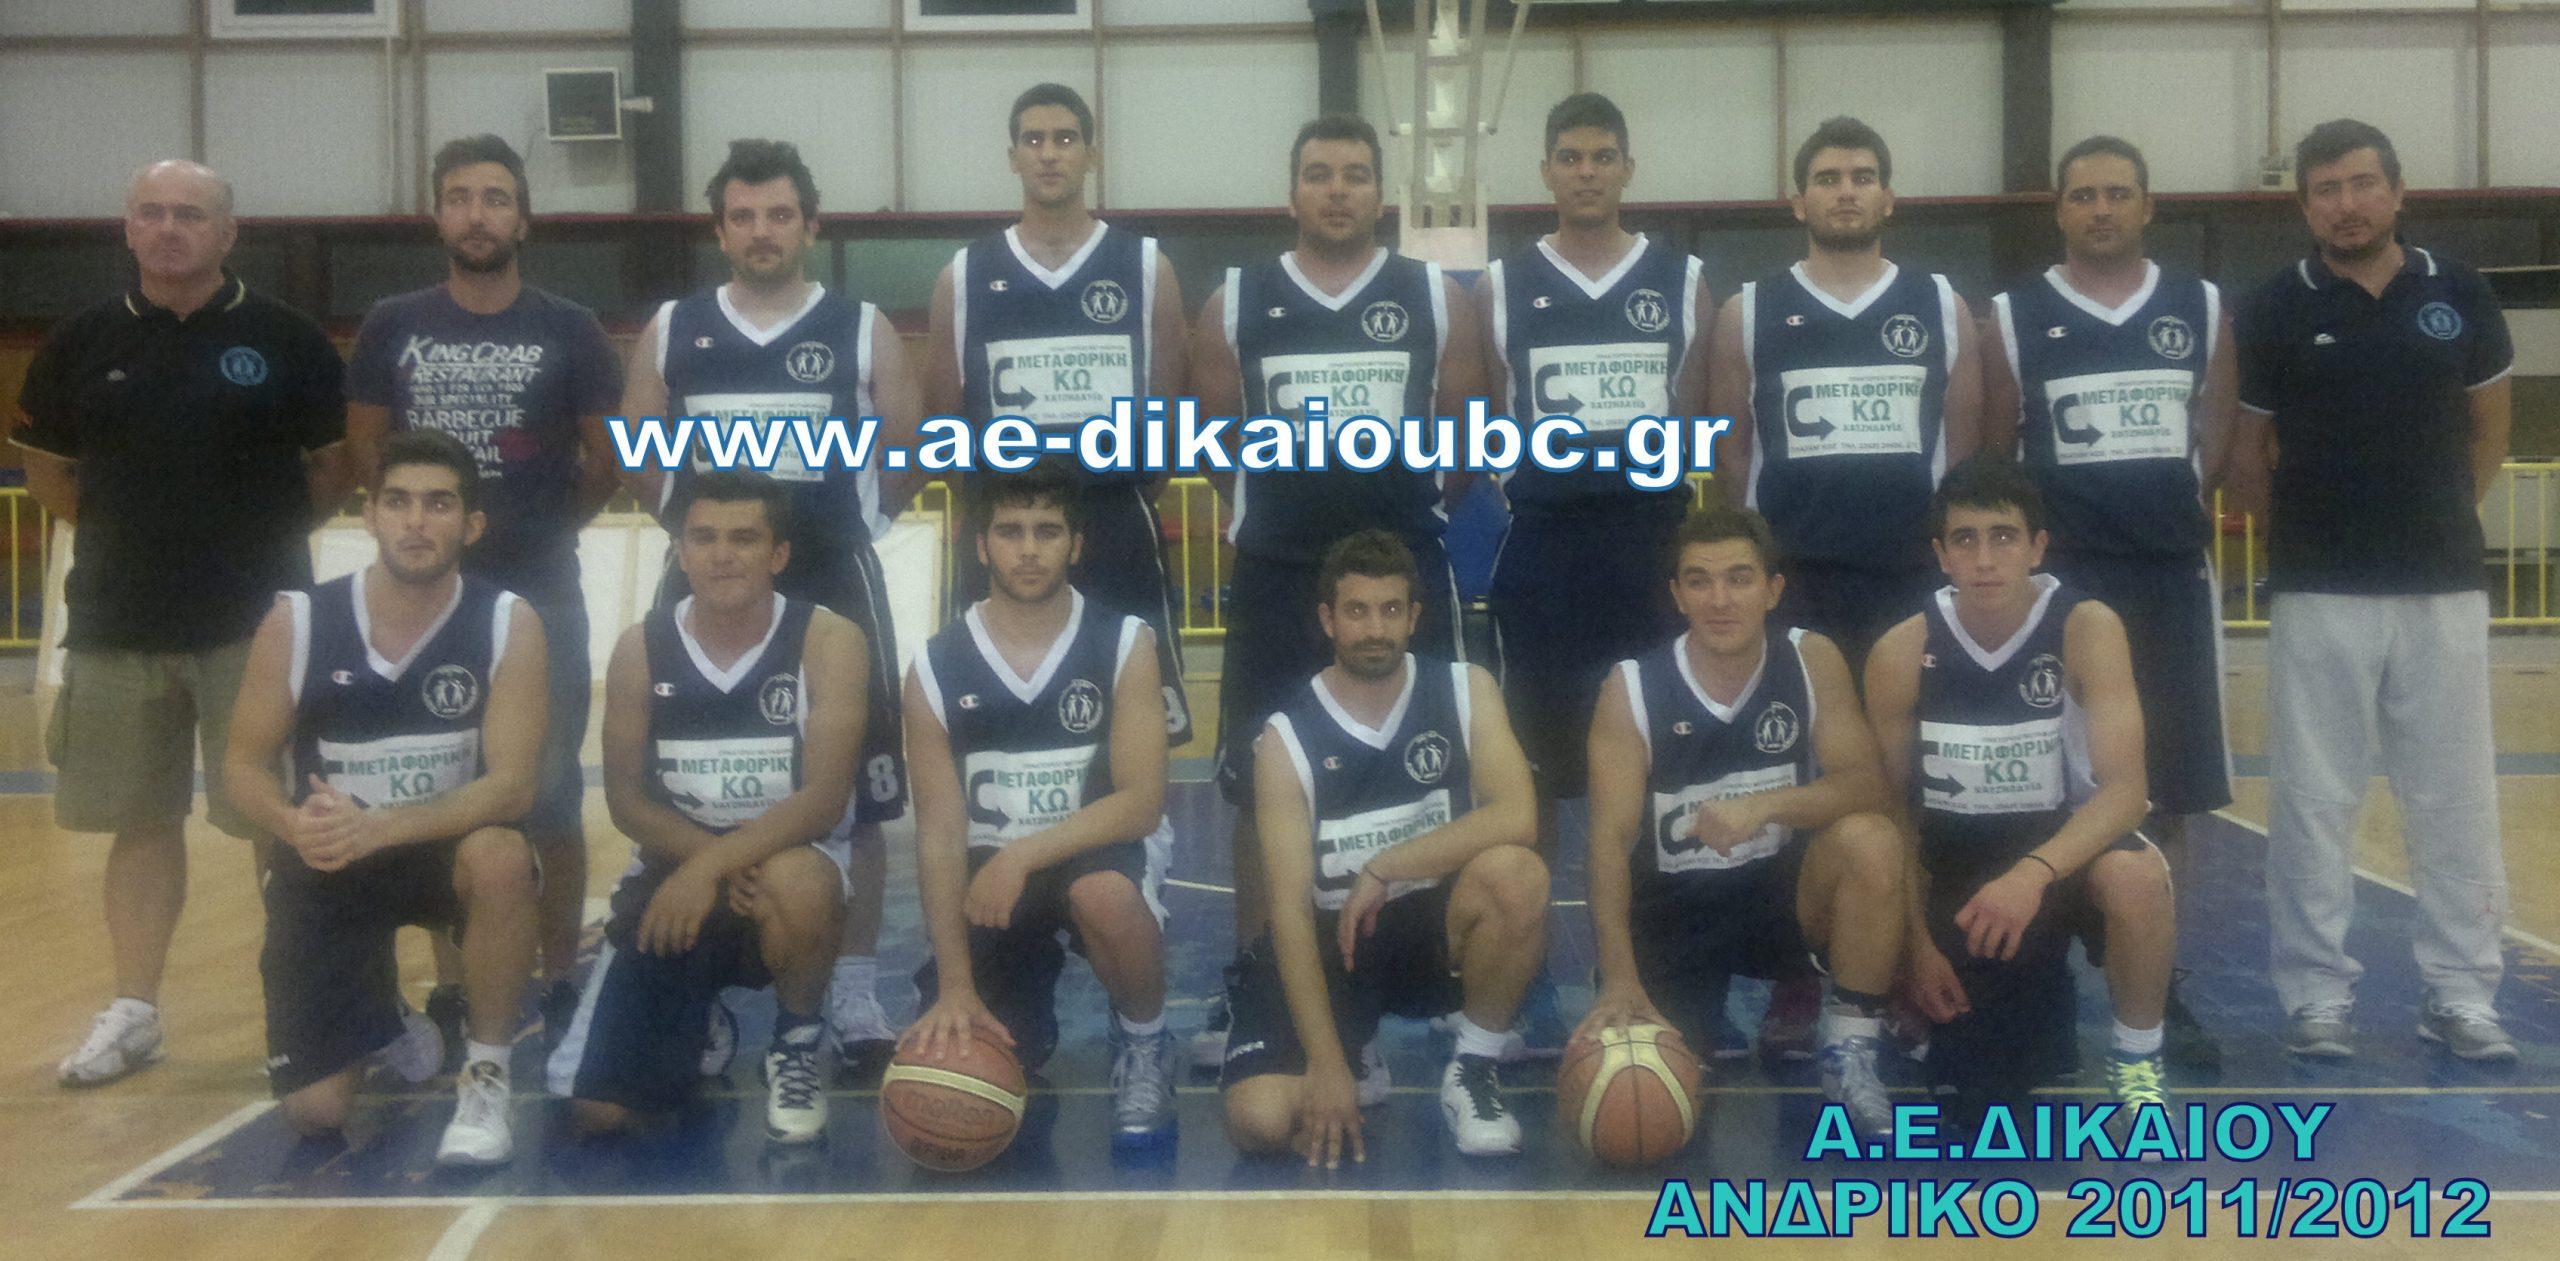 ΑΝΔΡΙΚΟ 2011-2012